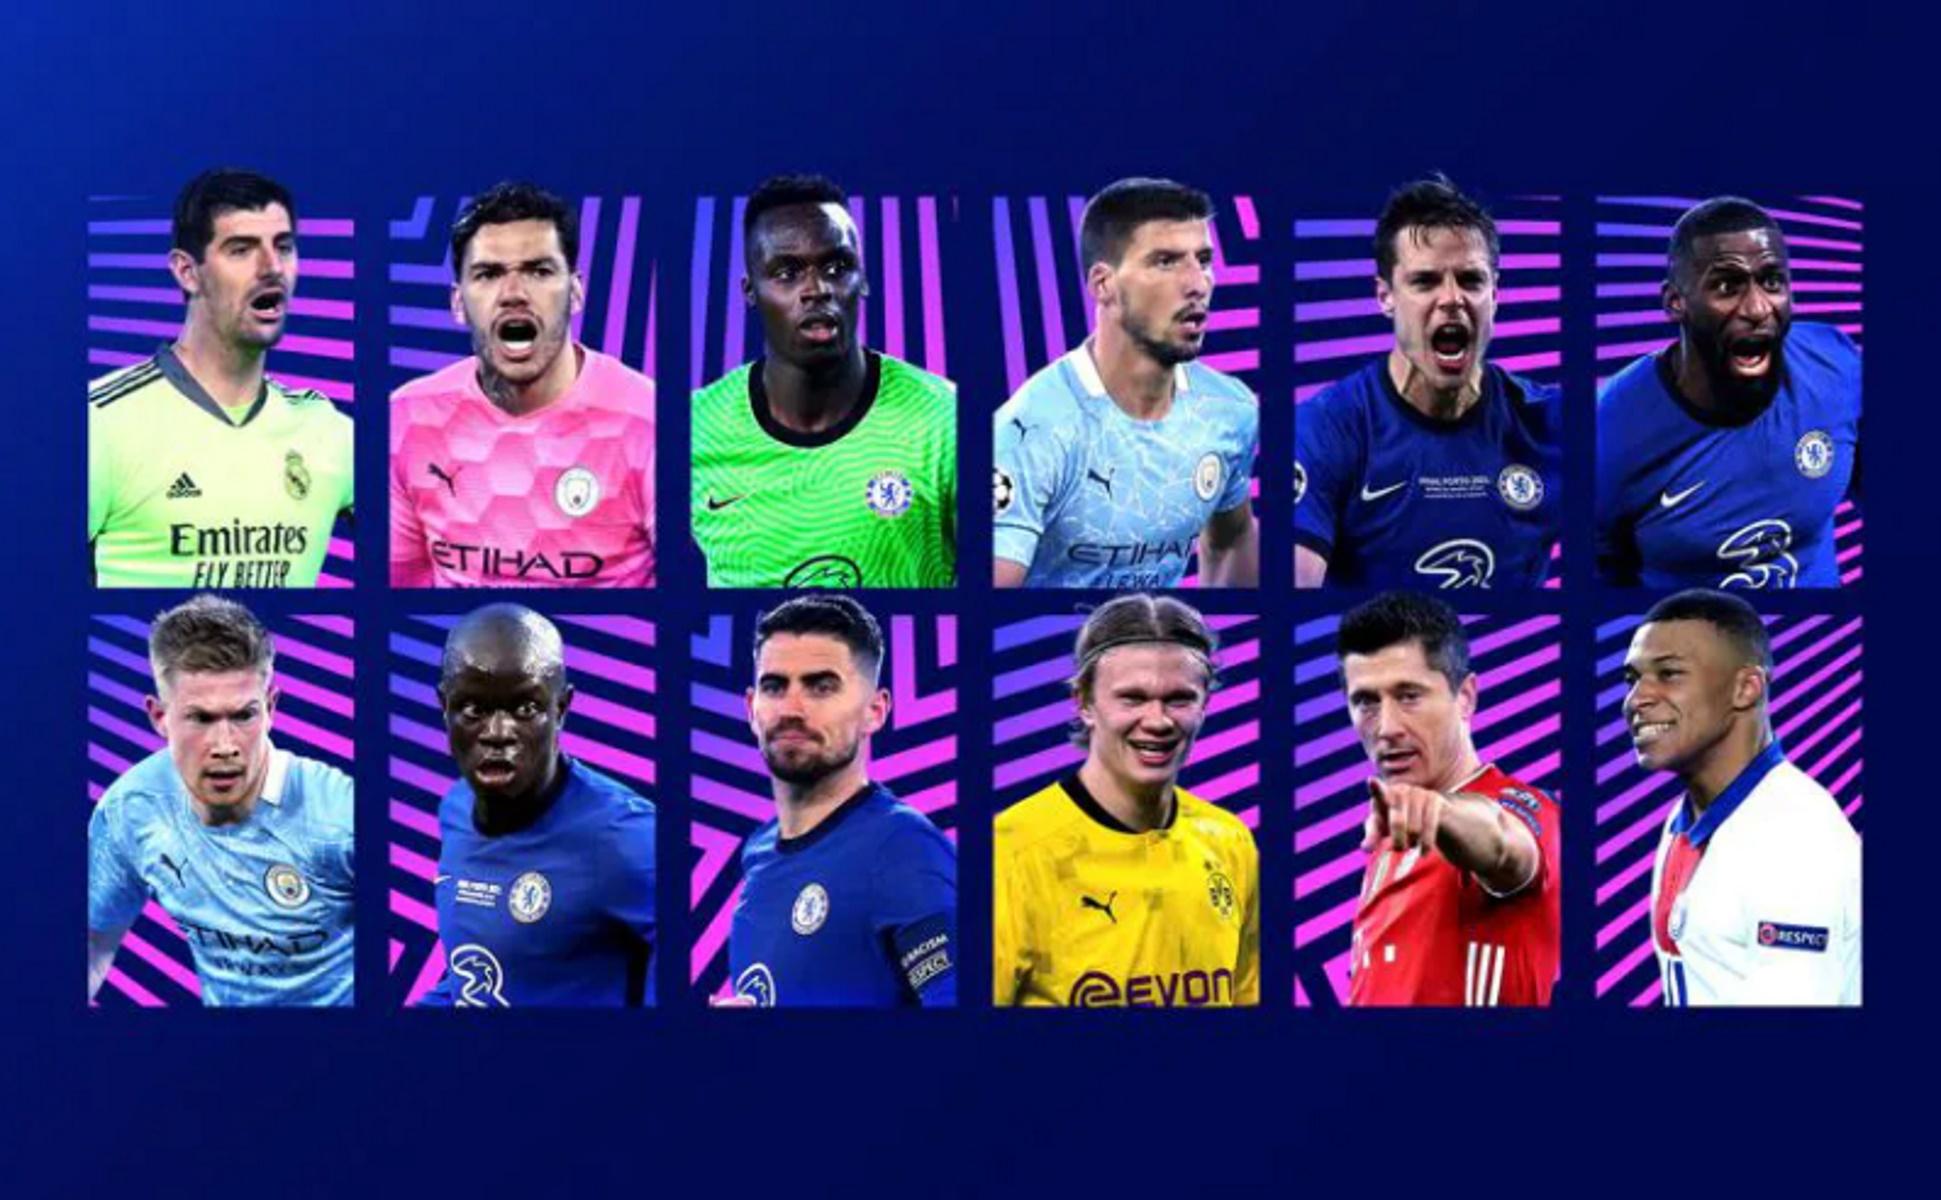 Champions League: Οι υποψηφιότητες για τους κορυφαίους της σεζόν χωρίς Μέσι – Κριστιάνο Ρονάλντο